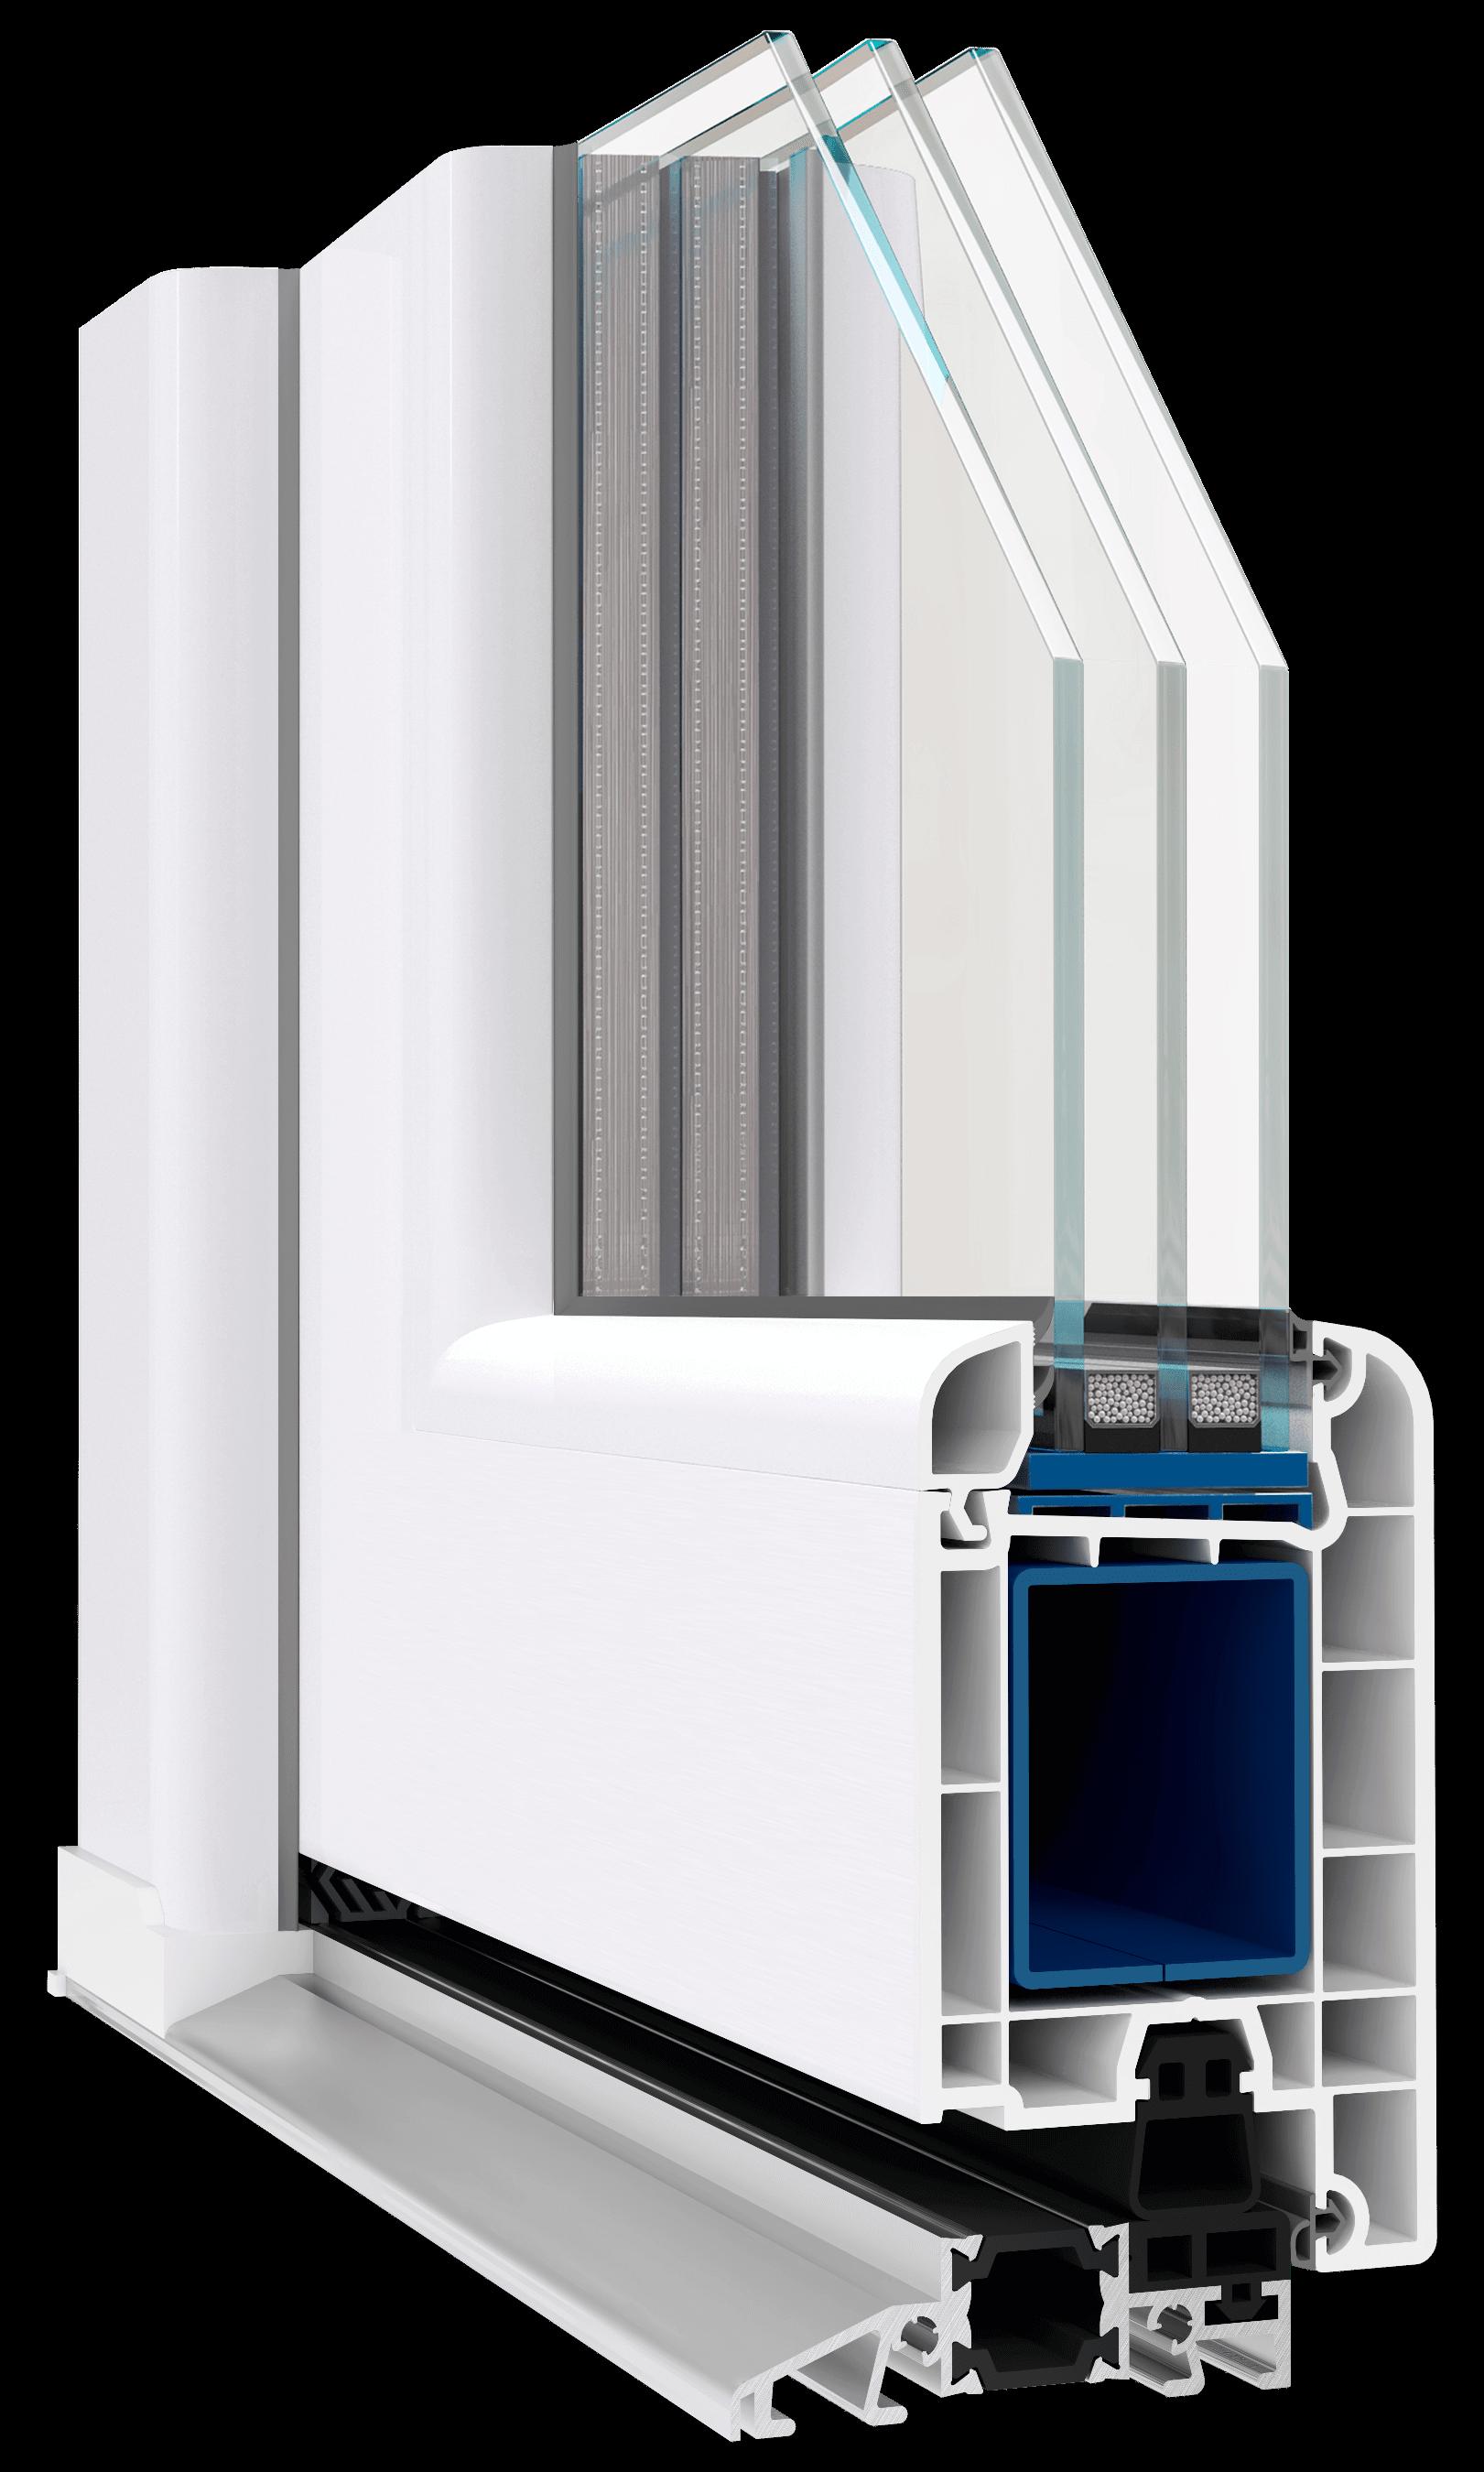 WDS 70 - дверна профыльна система від EKIPAZH. Вигідні умови для дилерства